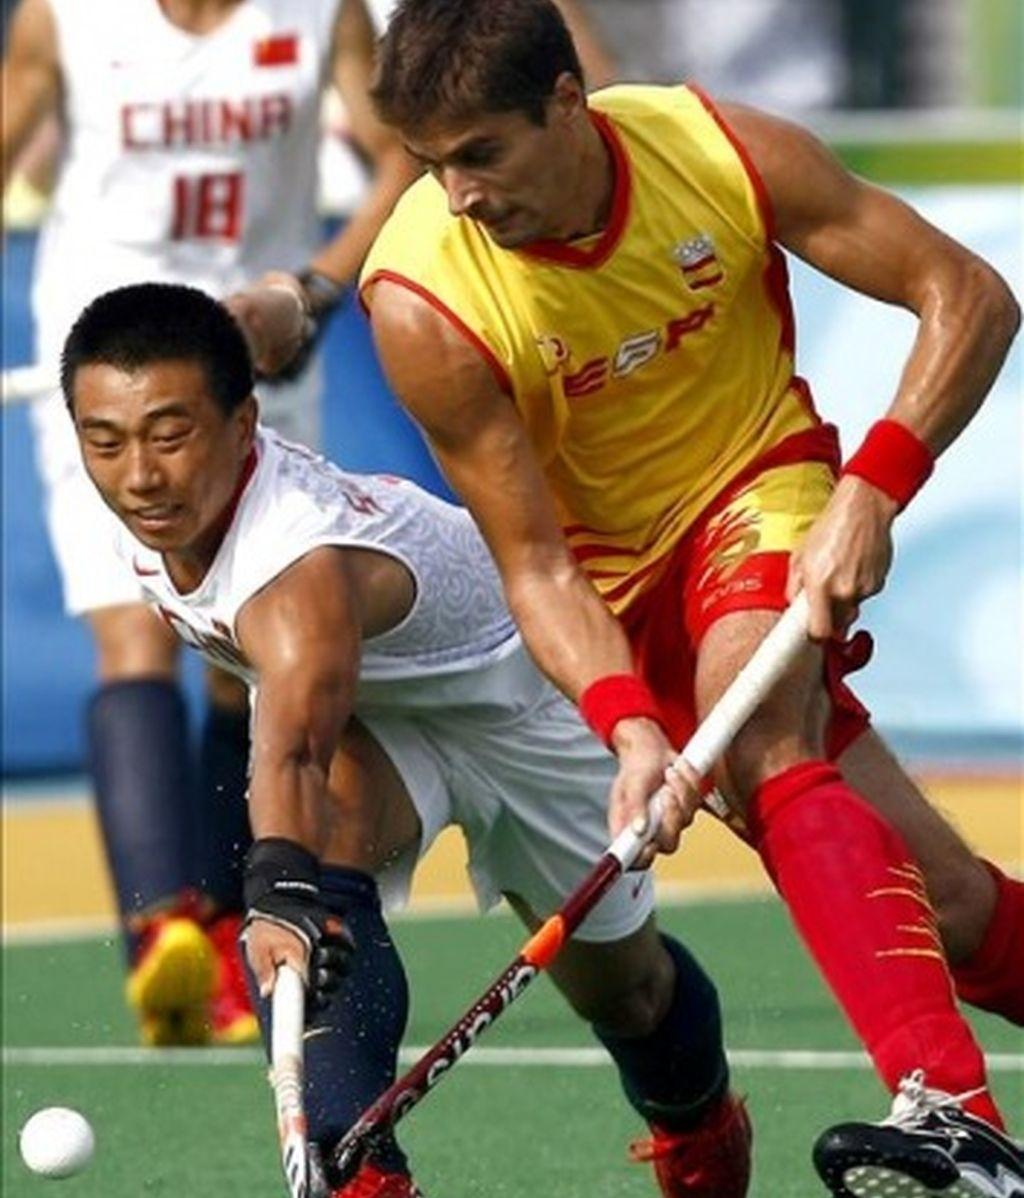 España mantiene el liderato tras vencer a China por 2-1